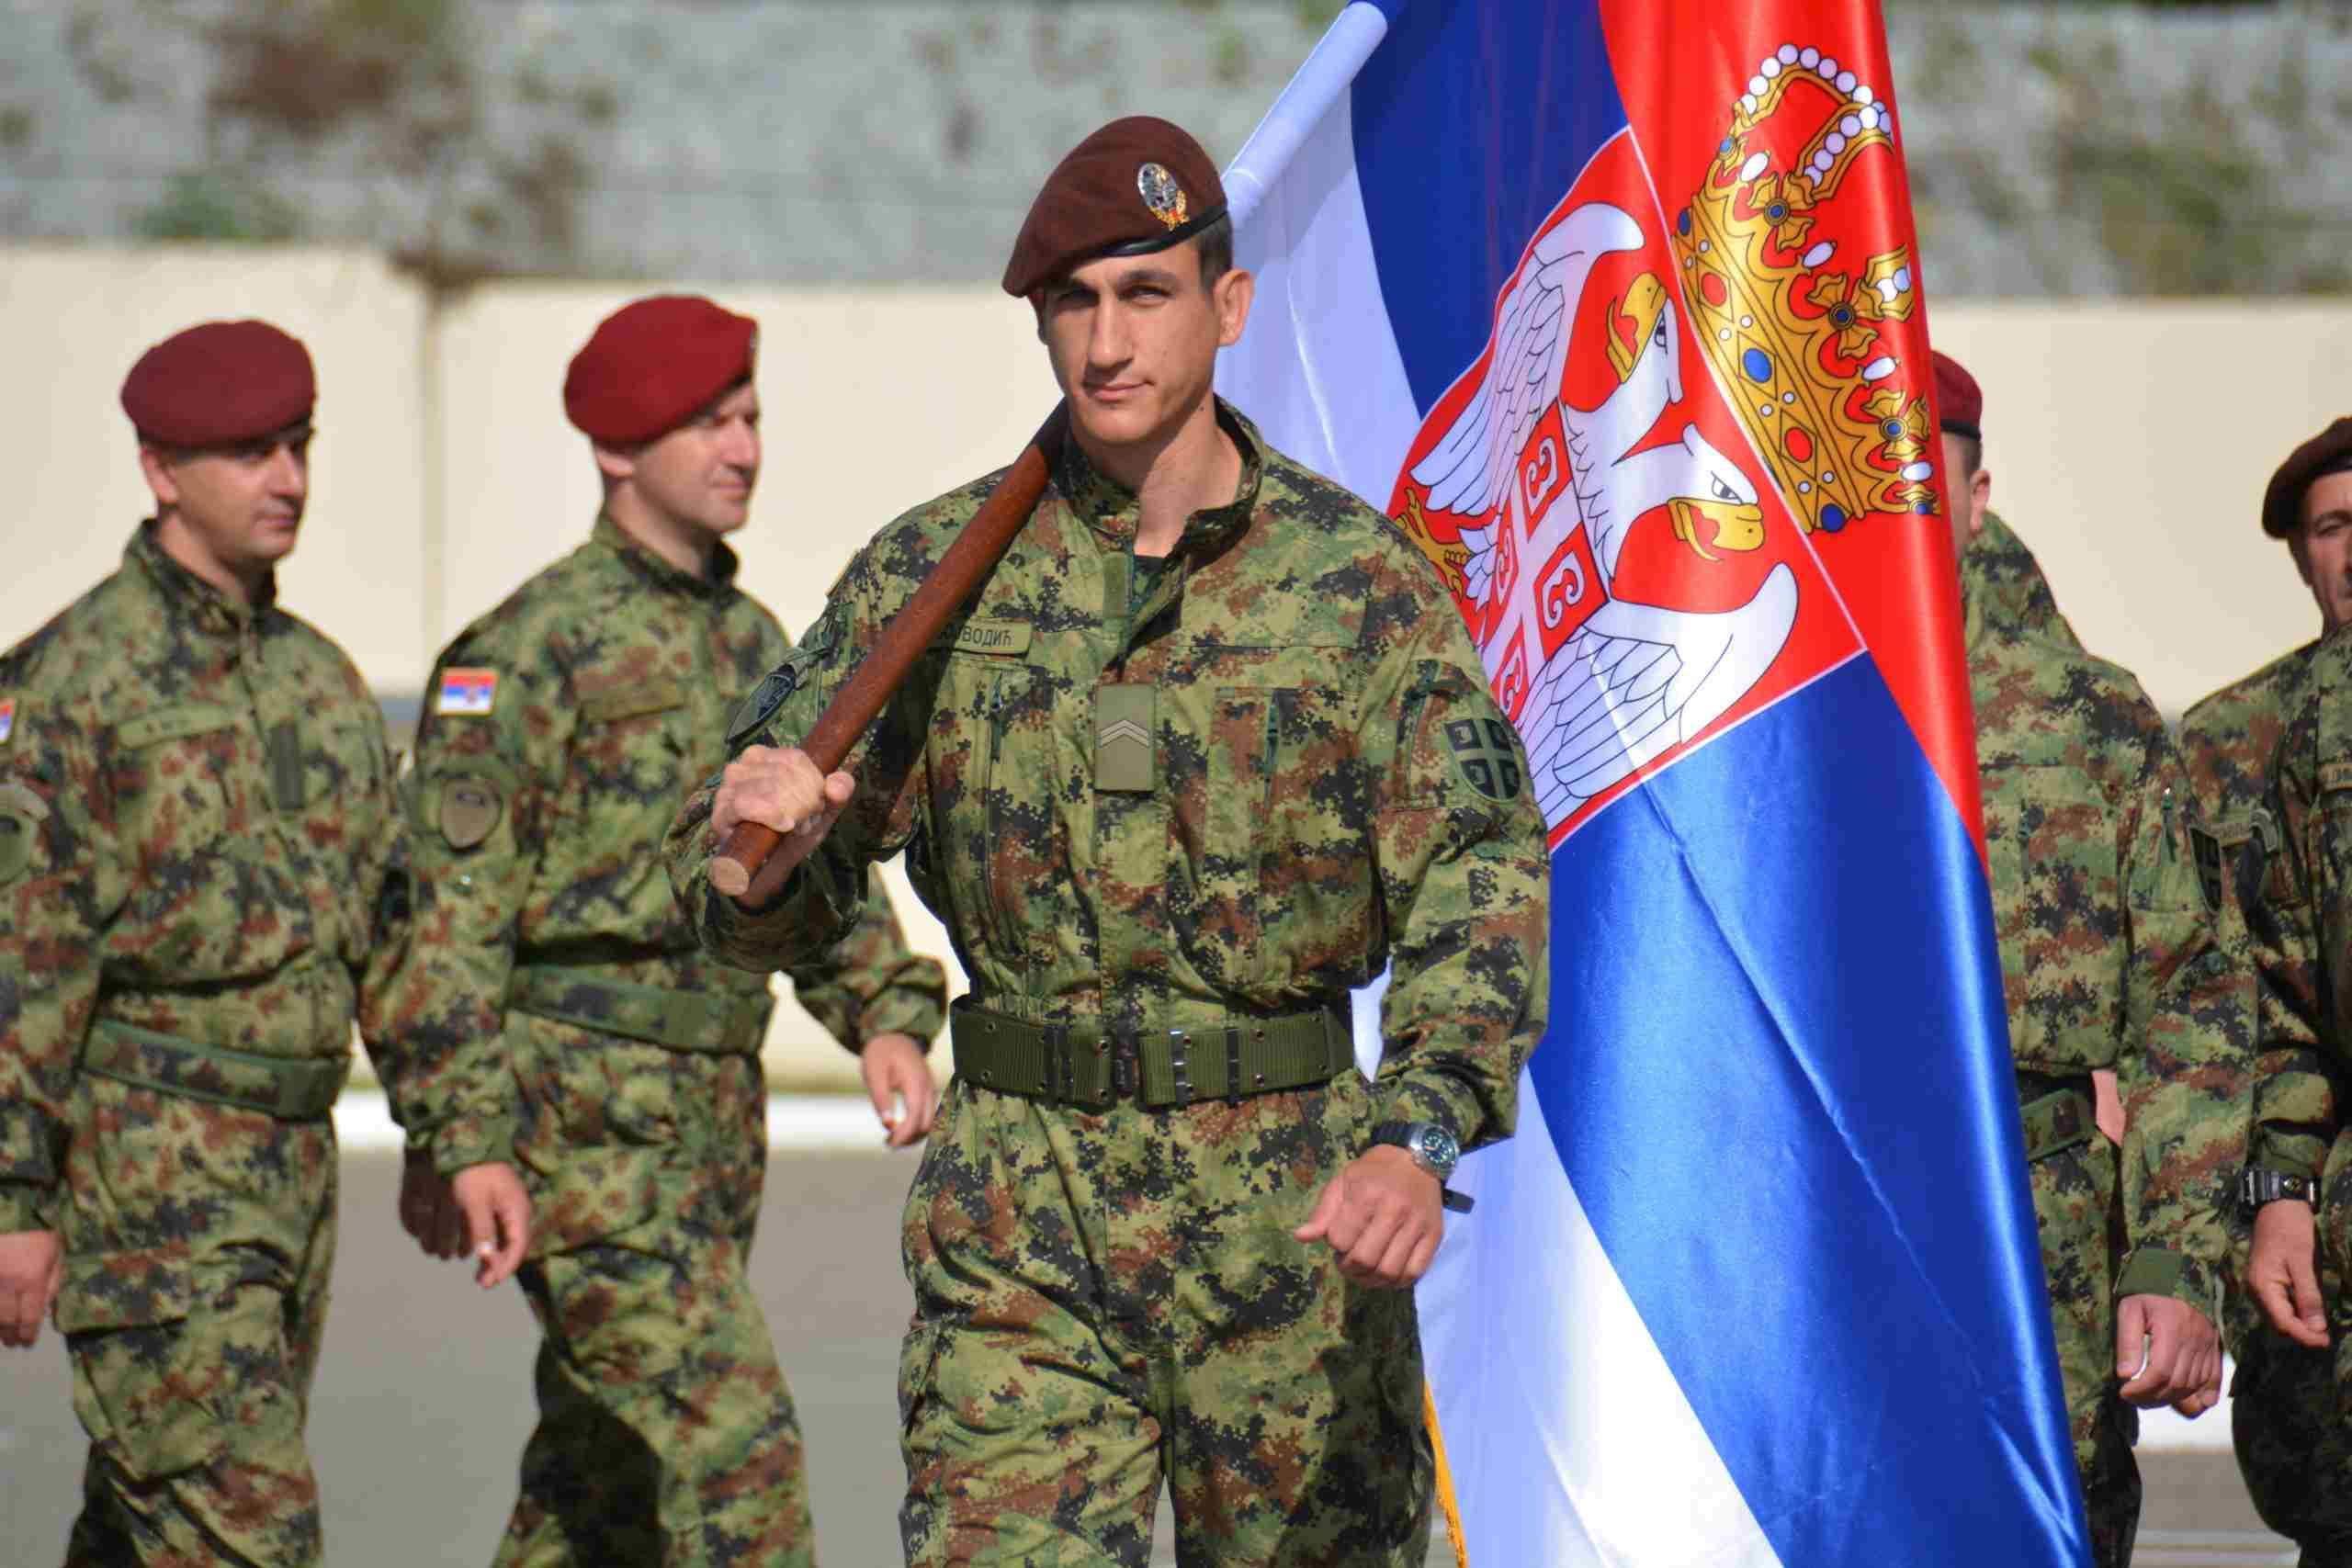 Белорусские и сербские военные прибыли в Новороссийск на учения «Славянское братство-2021»